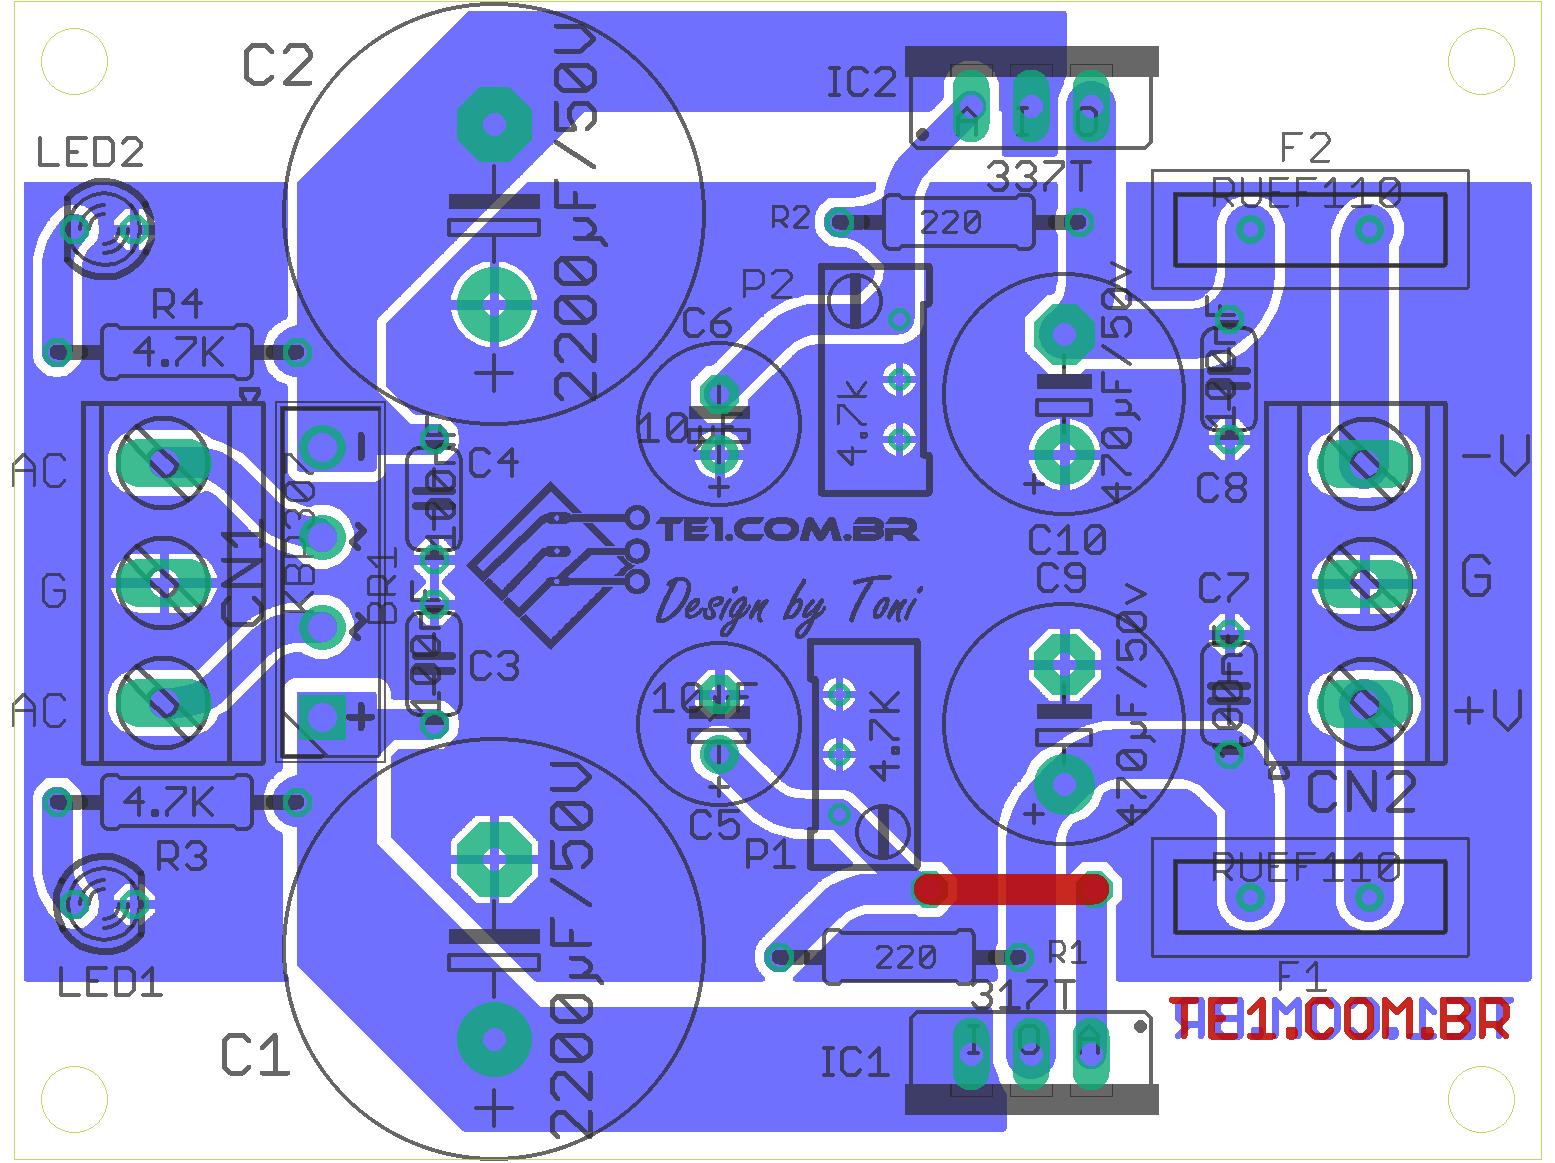 fonte simetrica lm317 lm337 Circuito de fonte simétrica ajustável com LM317 e LM337 estabilizada Pré amplificadores LM Fontes Circuitos